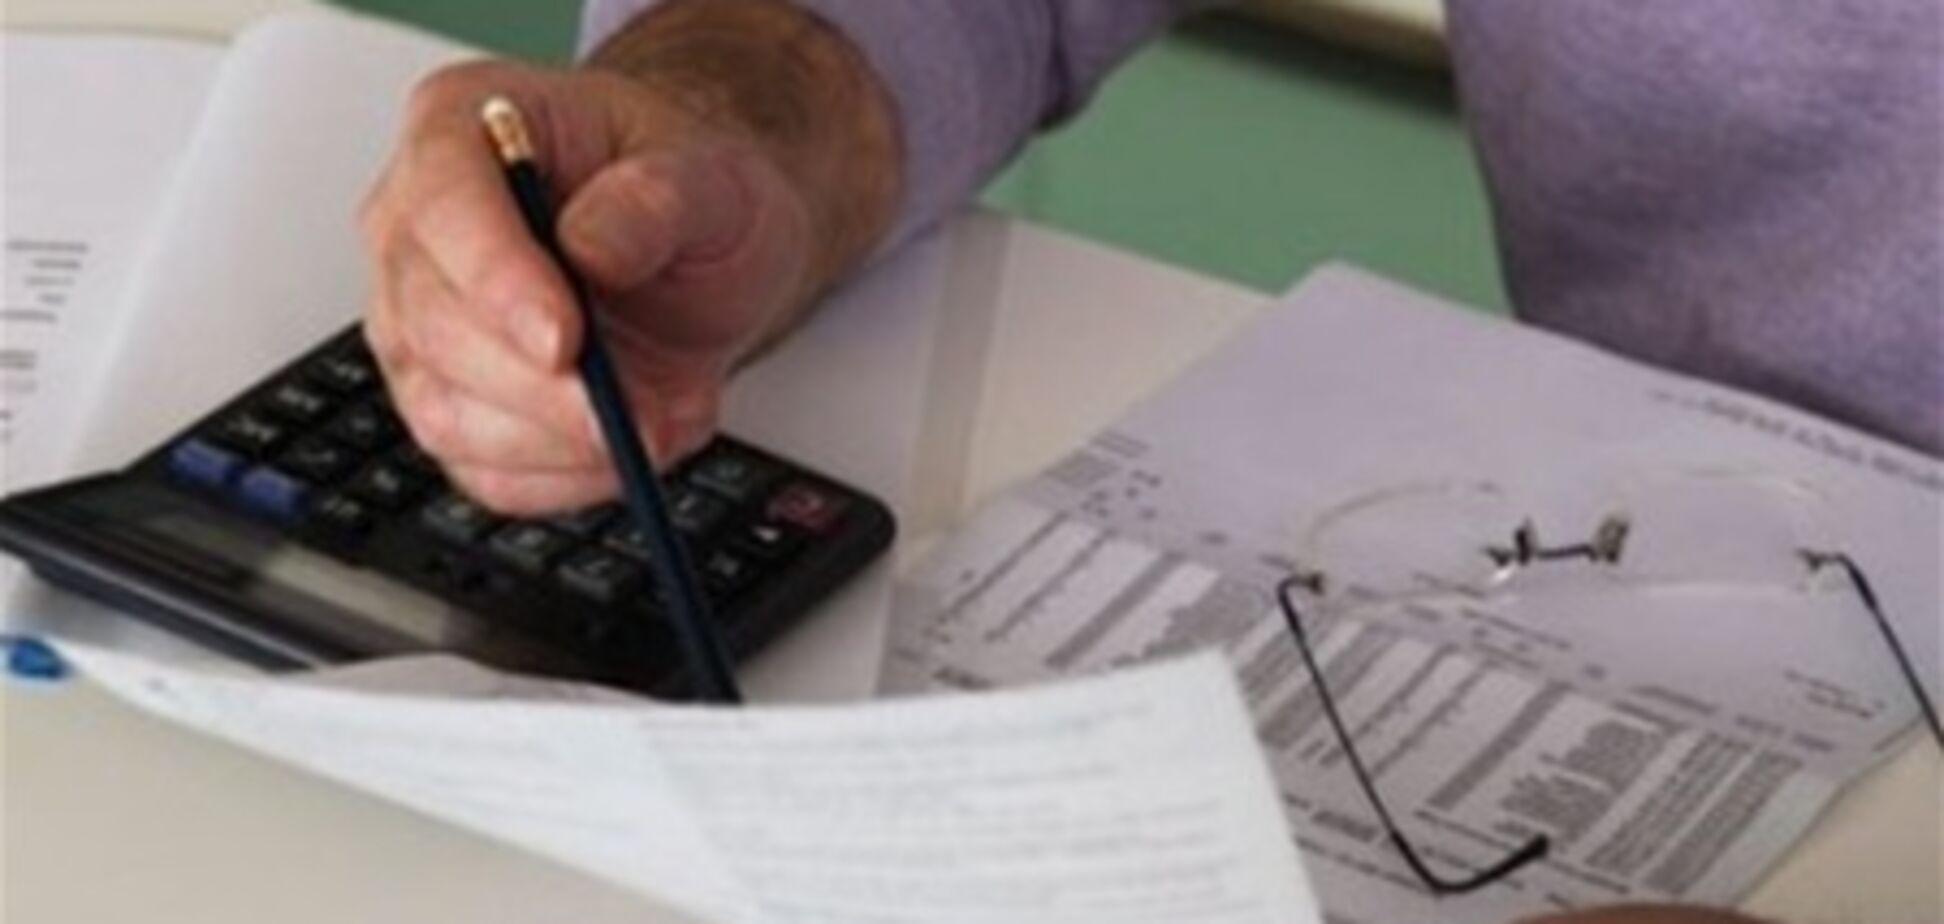 Эксперт: возврат уплаченного налога на недвижимость нереален